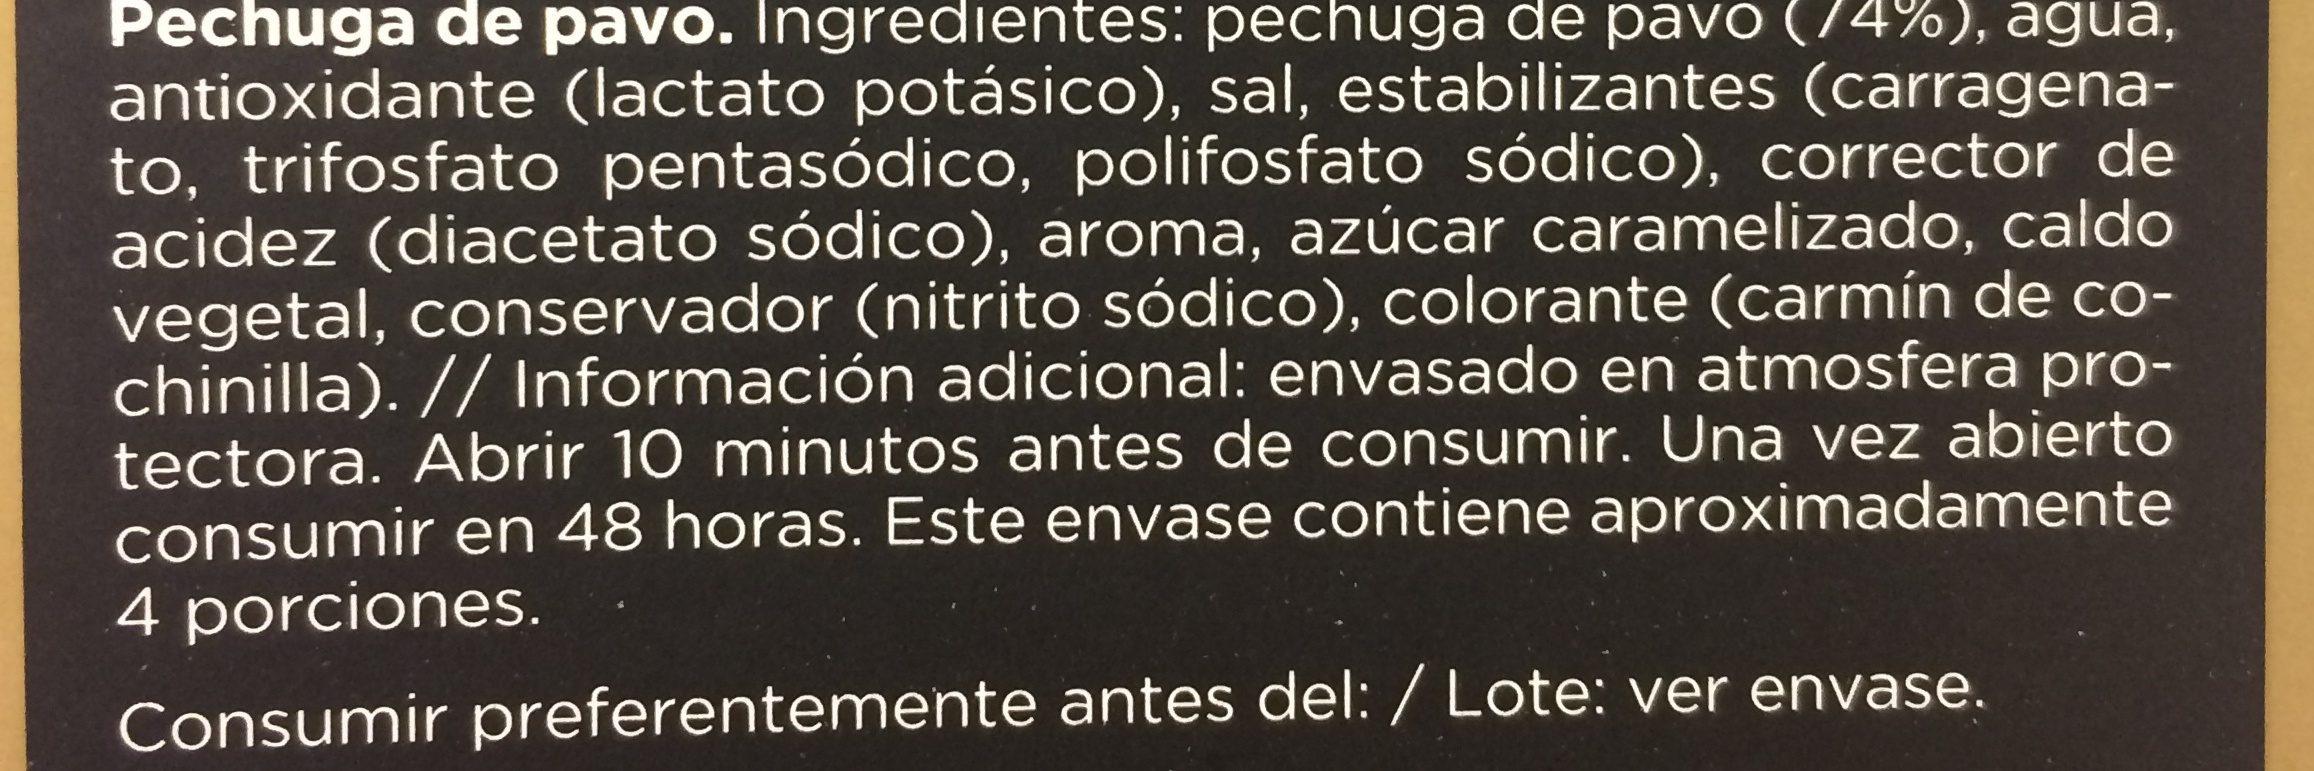 Pechuga de pavo - Ingredientes - fr